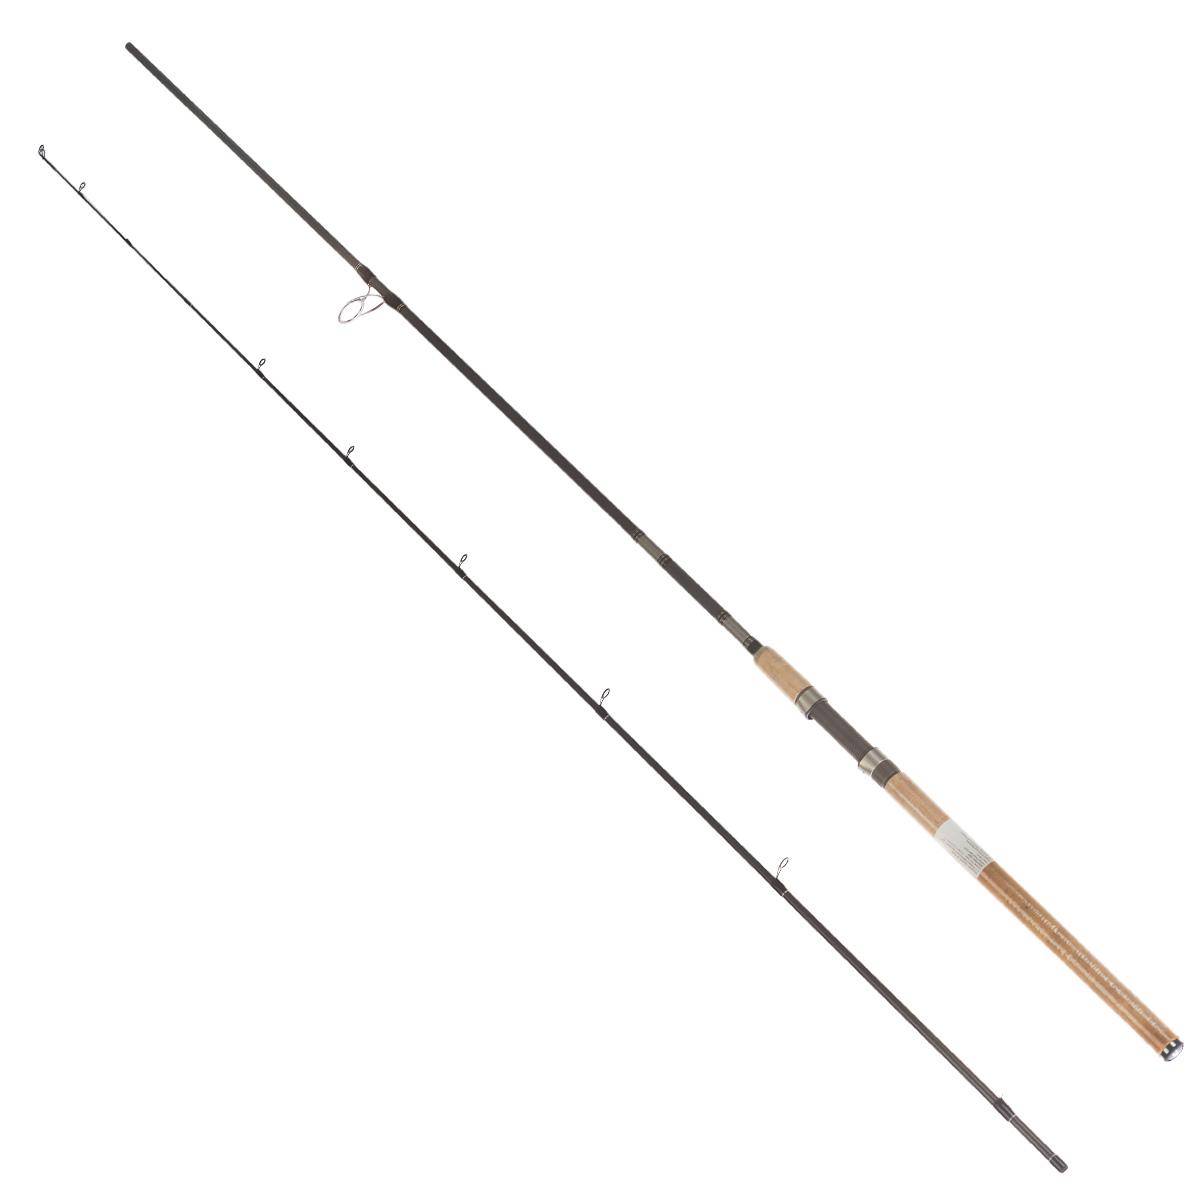 Спиннинг штекерный Daiwa Exceler-RU, 3,05 м, 15-50 г спиннинг штекерный onlitop challenge х1 3 м 15 40 г